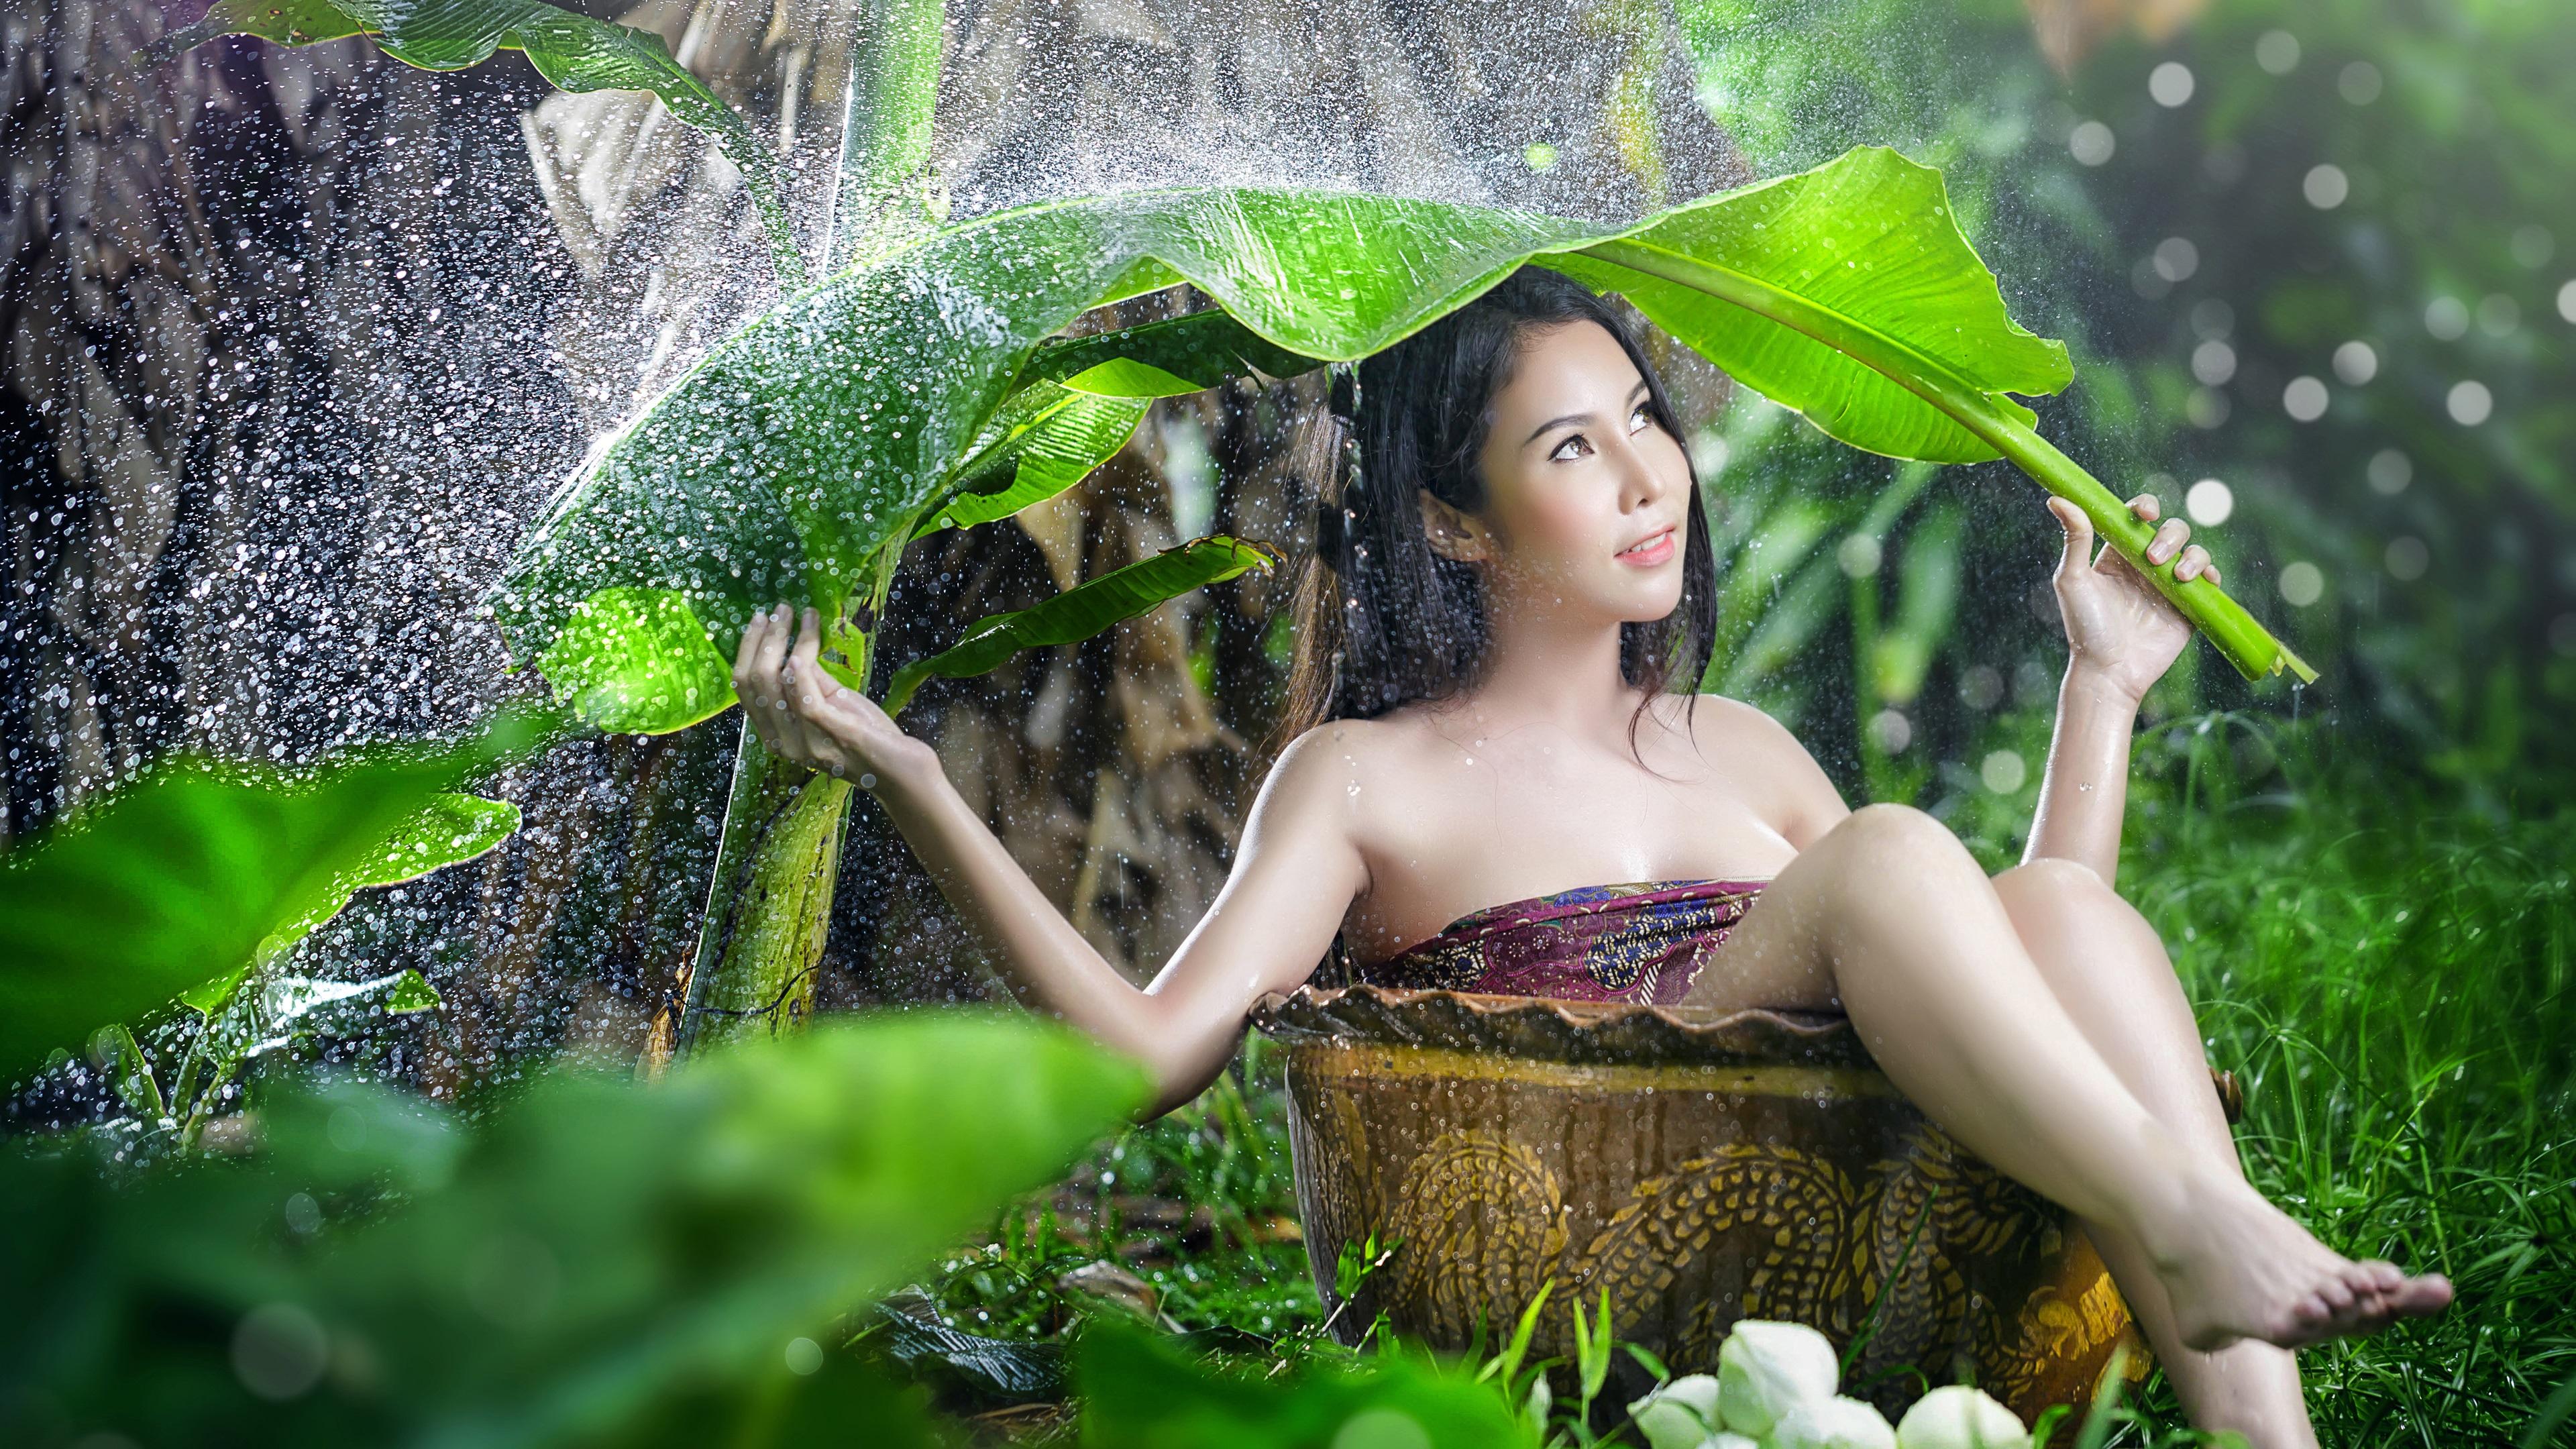 девушка зонт дождь природа  № 3582363 бесплатно